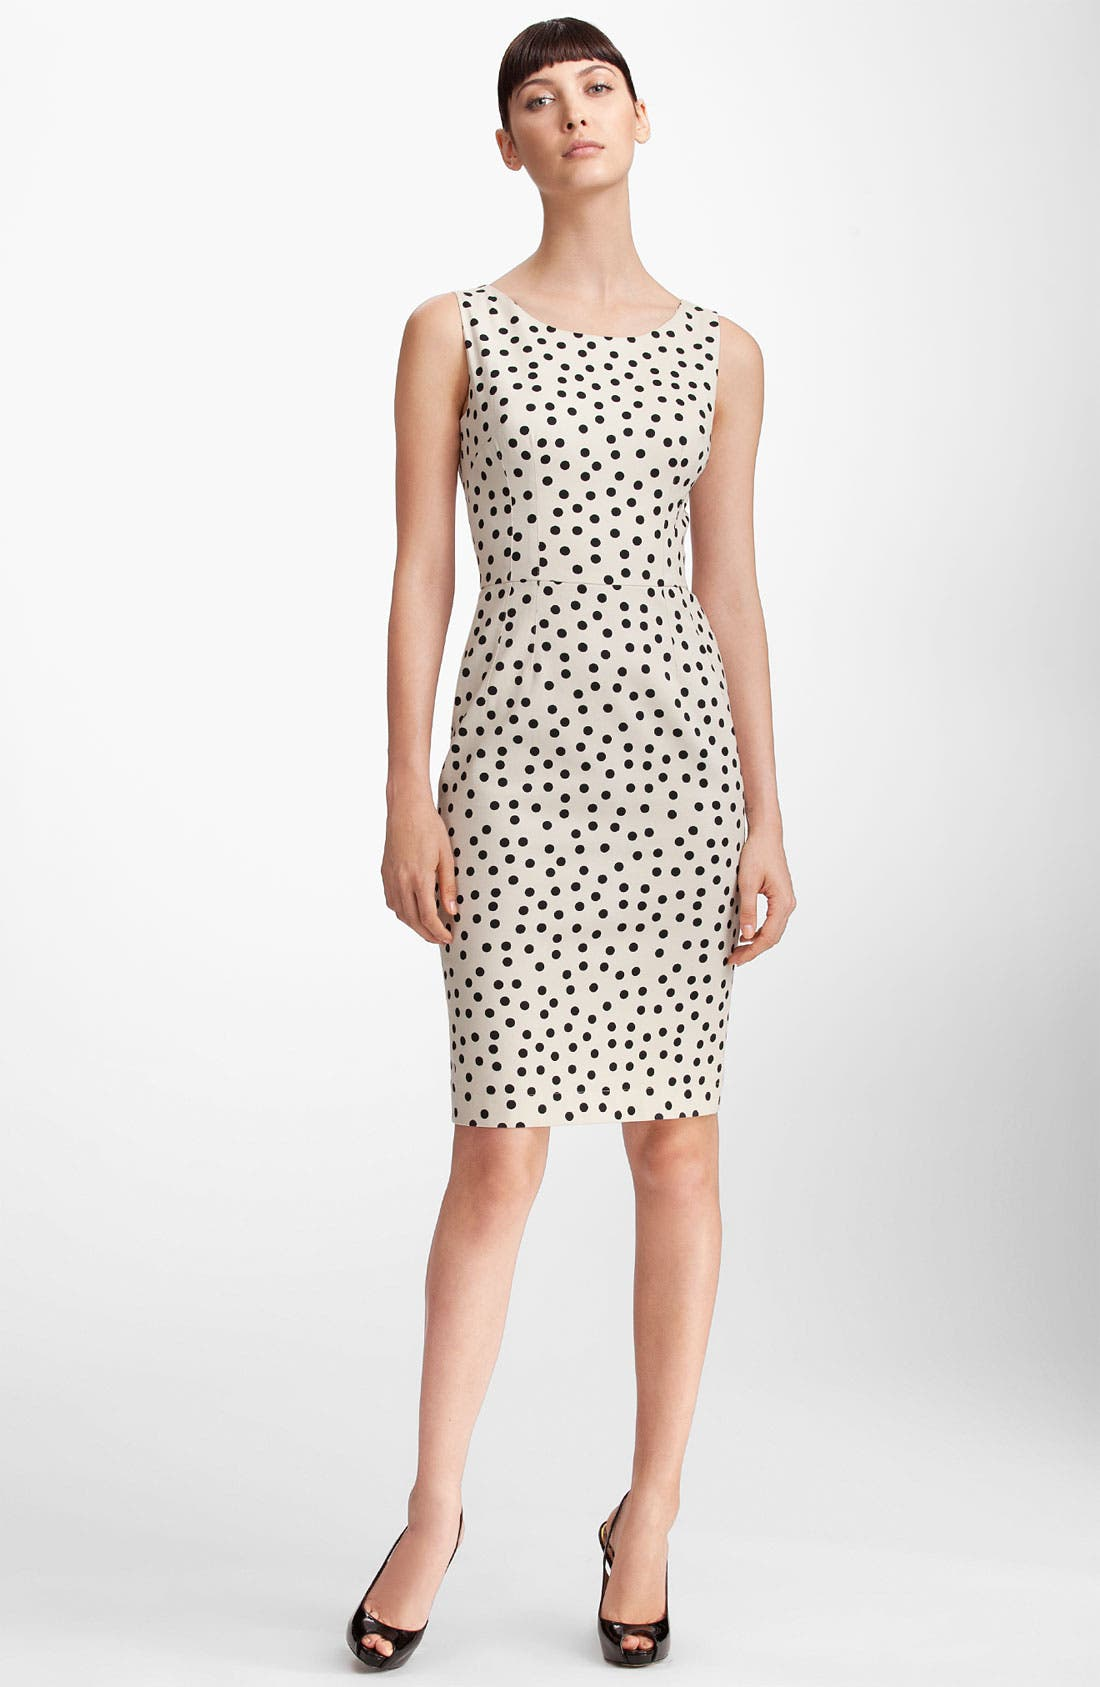 Main Image - Dolce&Gabbana Polka Dot Stretch Cotton Dress